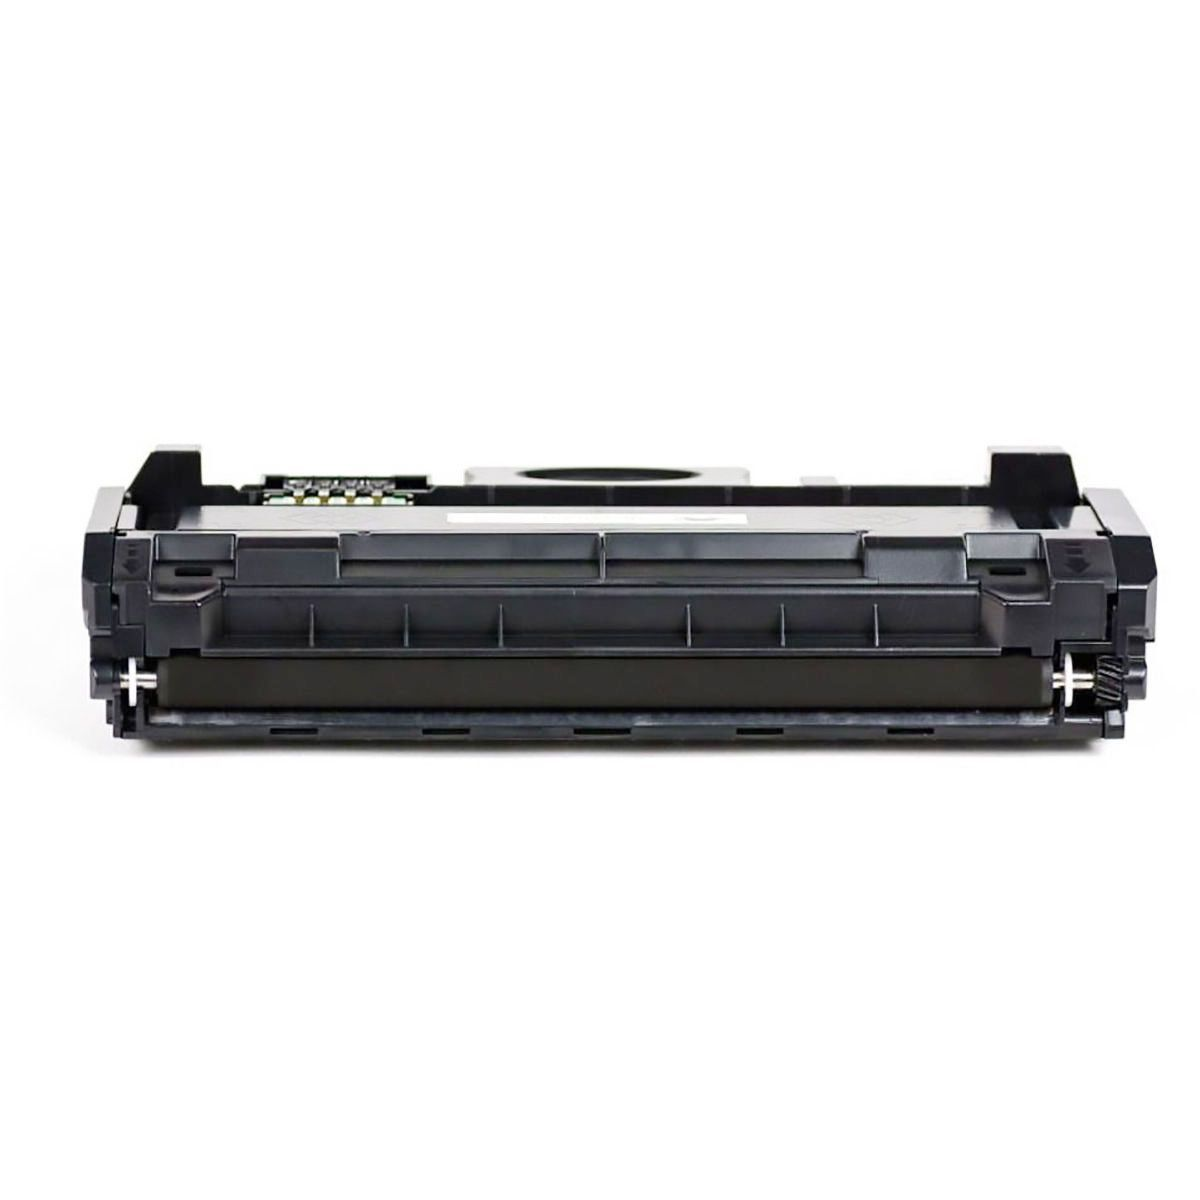 Compatível: Toner para Xerox WorkCentre 3215 3225 3215ni 3225dni Phaser 3052 3260 3052ni 3260dni / Preto / 3.000